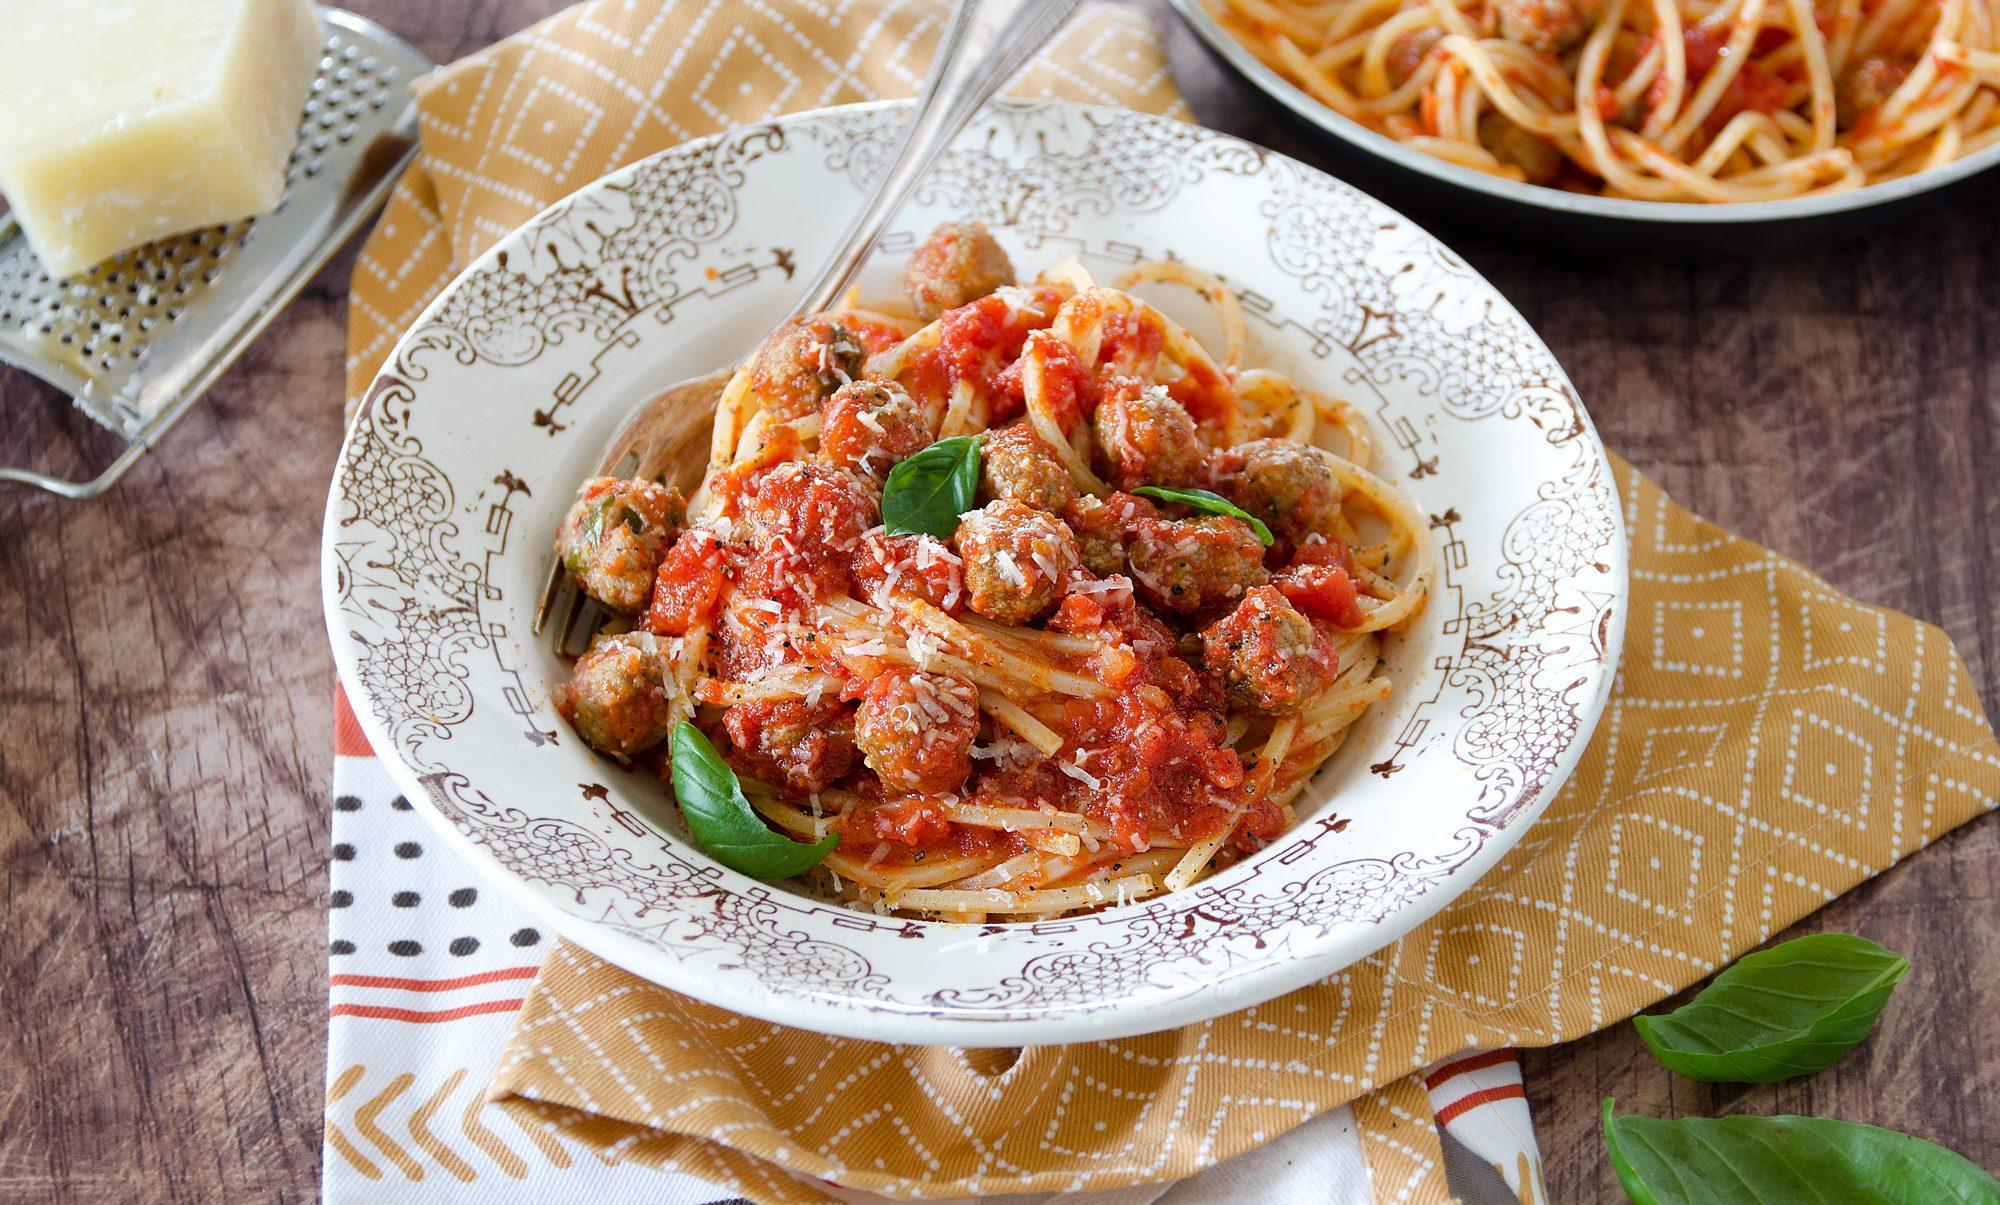 Spaghetti alla chitarra con pallottine: la ricetta del primo piatto tipico abruzzese